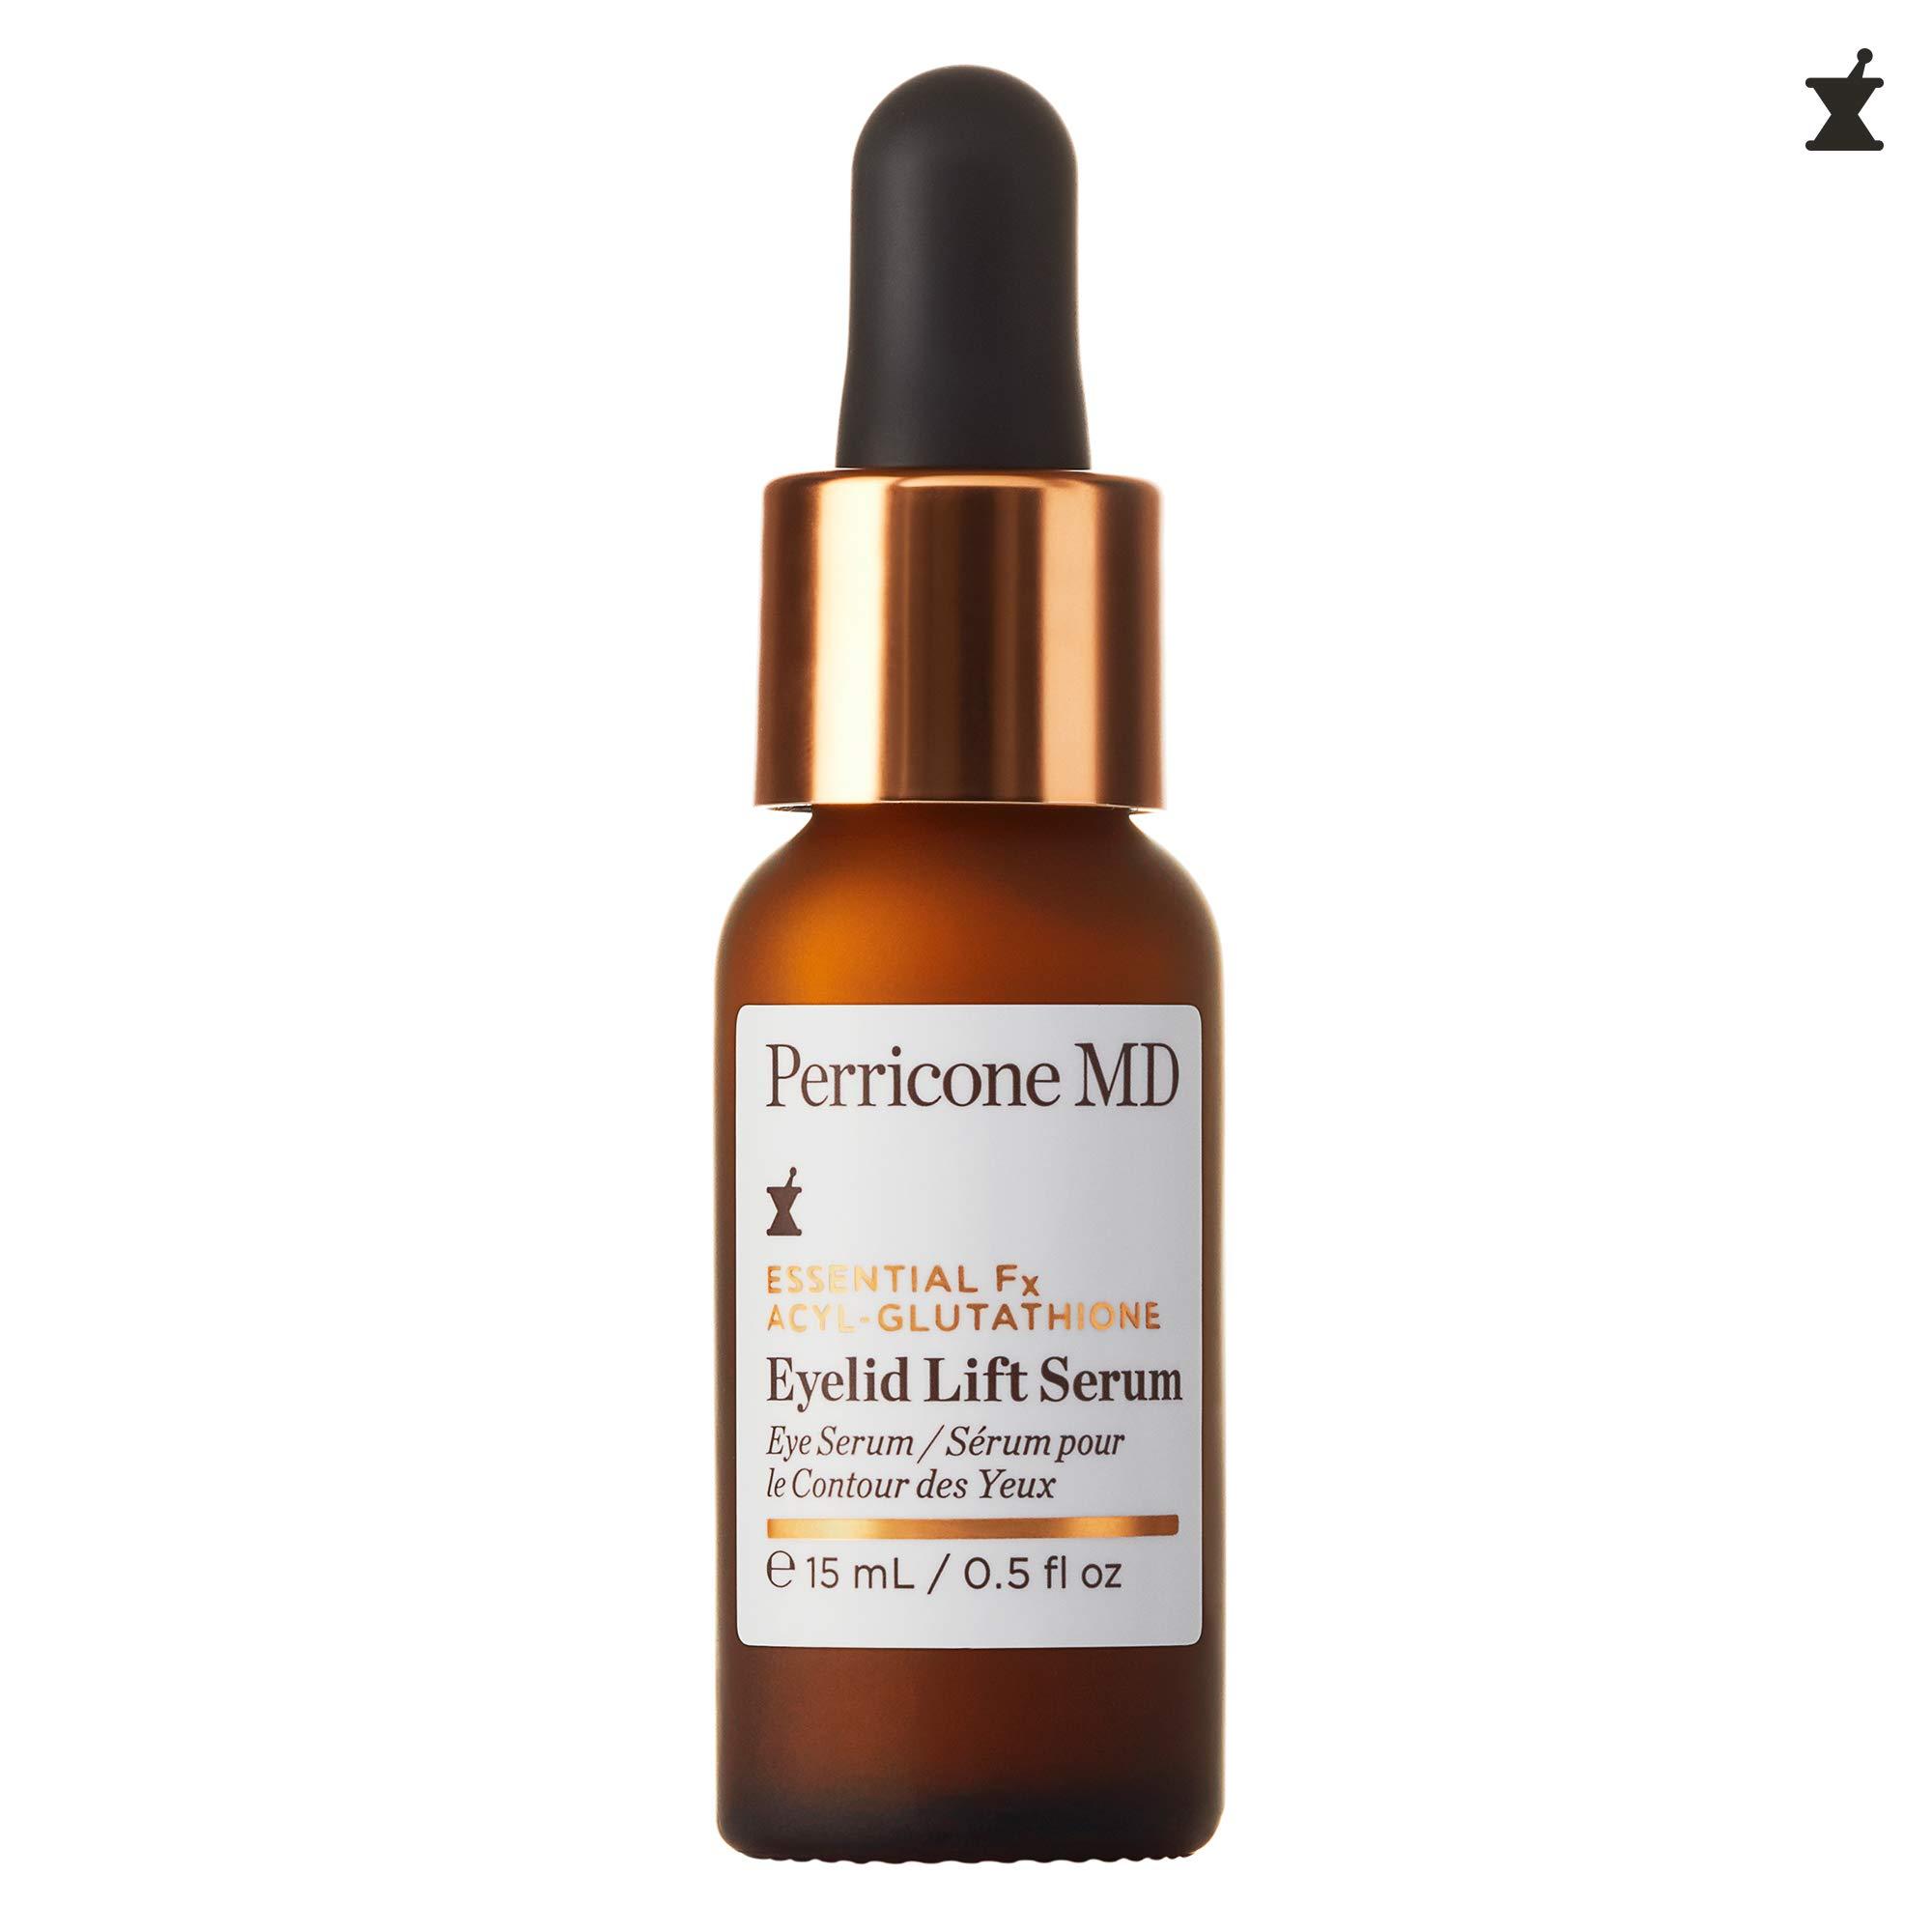 Perricone M.D. - Essential Fx Acyl-Glutathione - Eyelid Lift Serum by Perricone MD